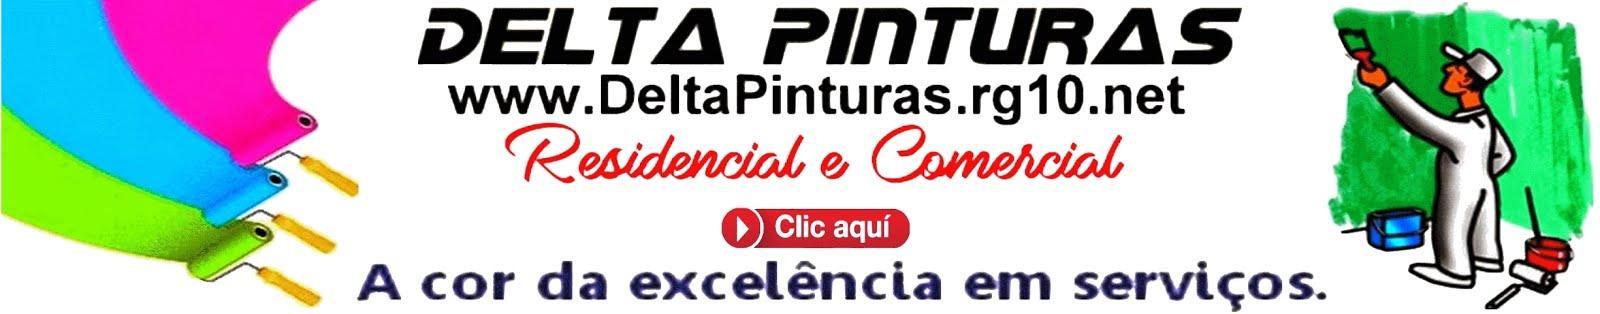 Delta Pinturas